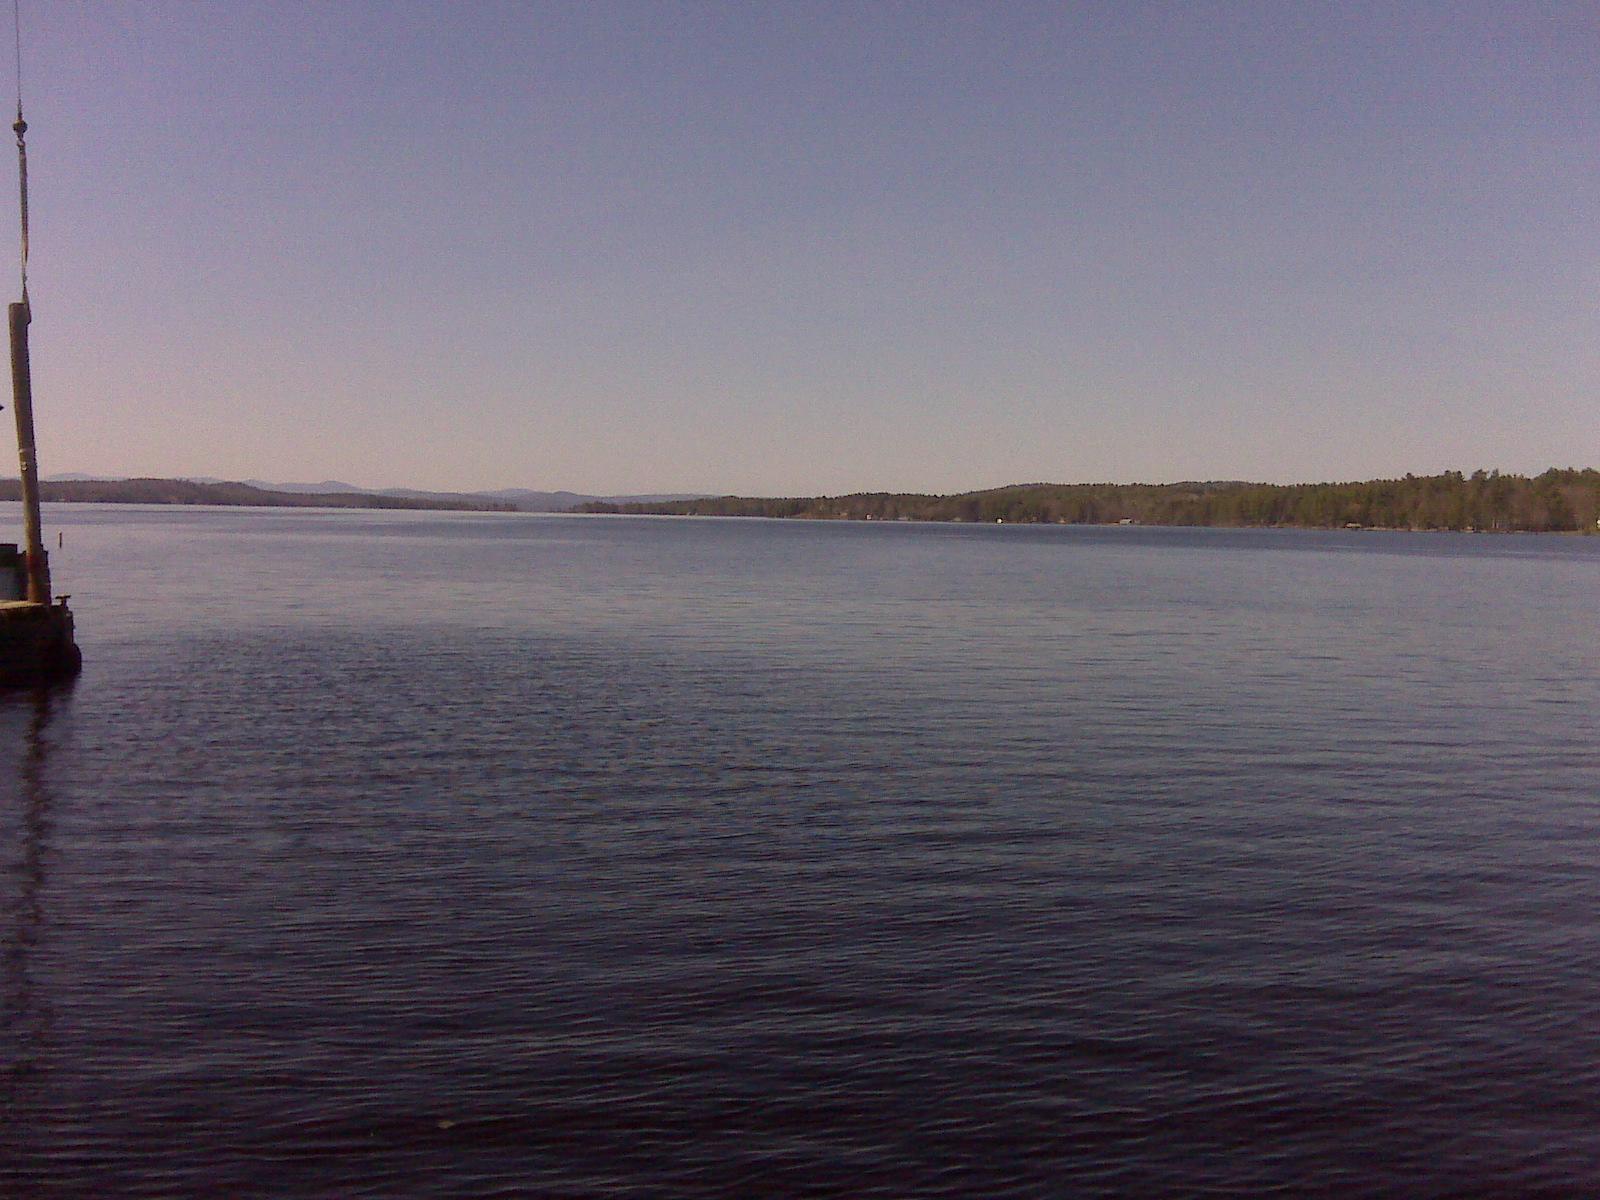 Sebago Lake from the Causeway